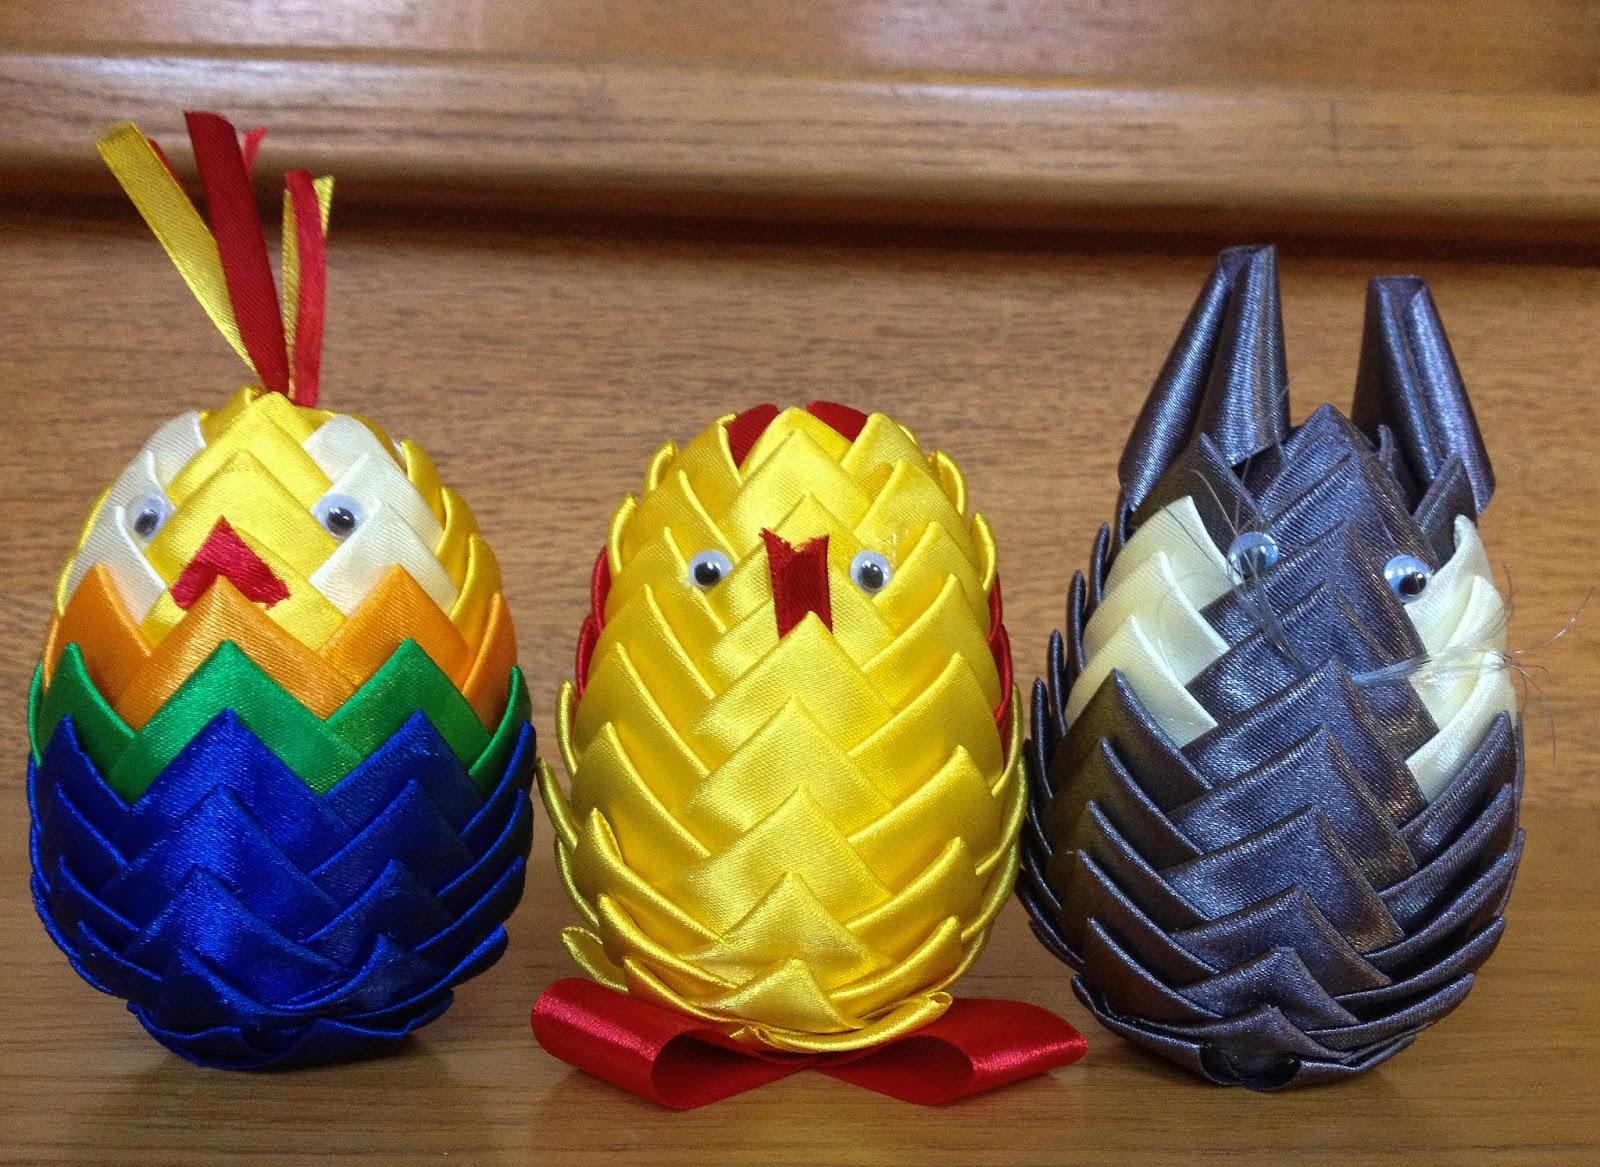 Koszyko-kura z karczochami